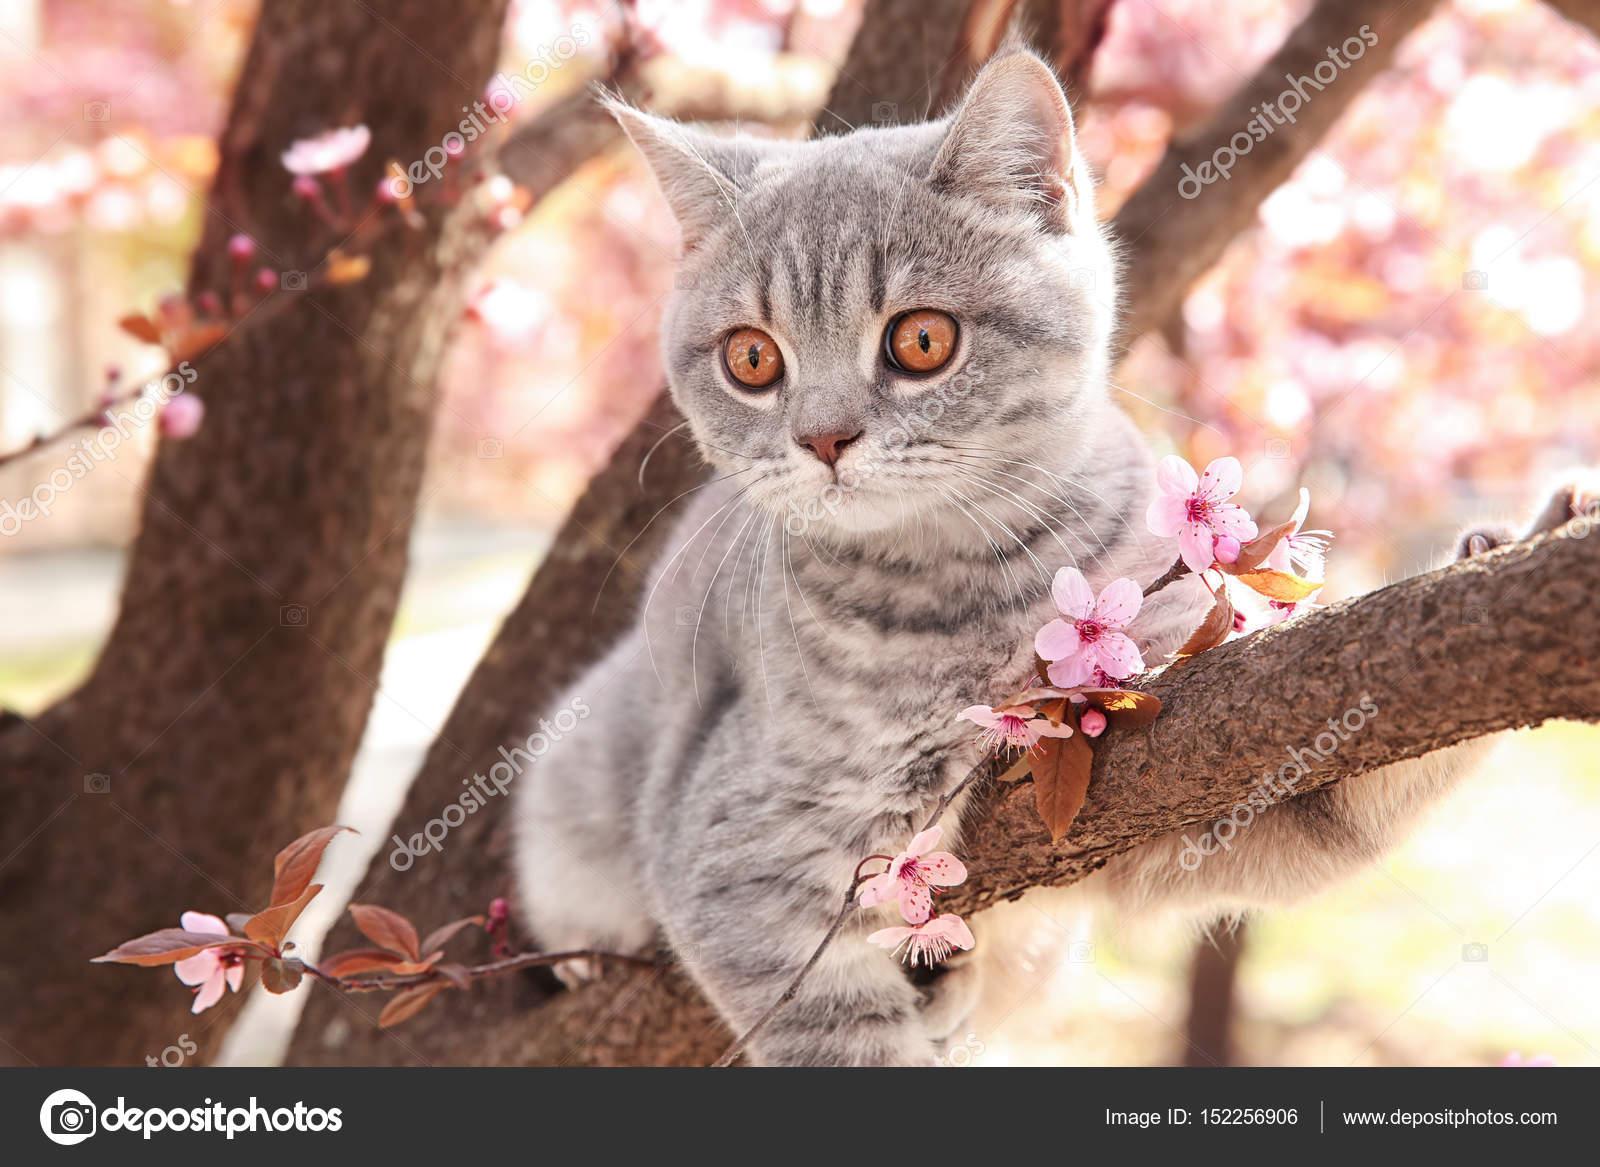 Image Chat Mignon chat mignon sur arbre fleuri — photographie belchonock © #152256906